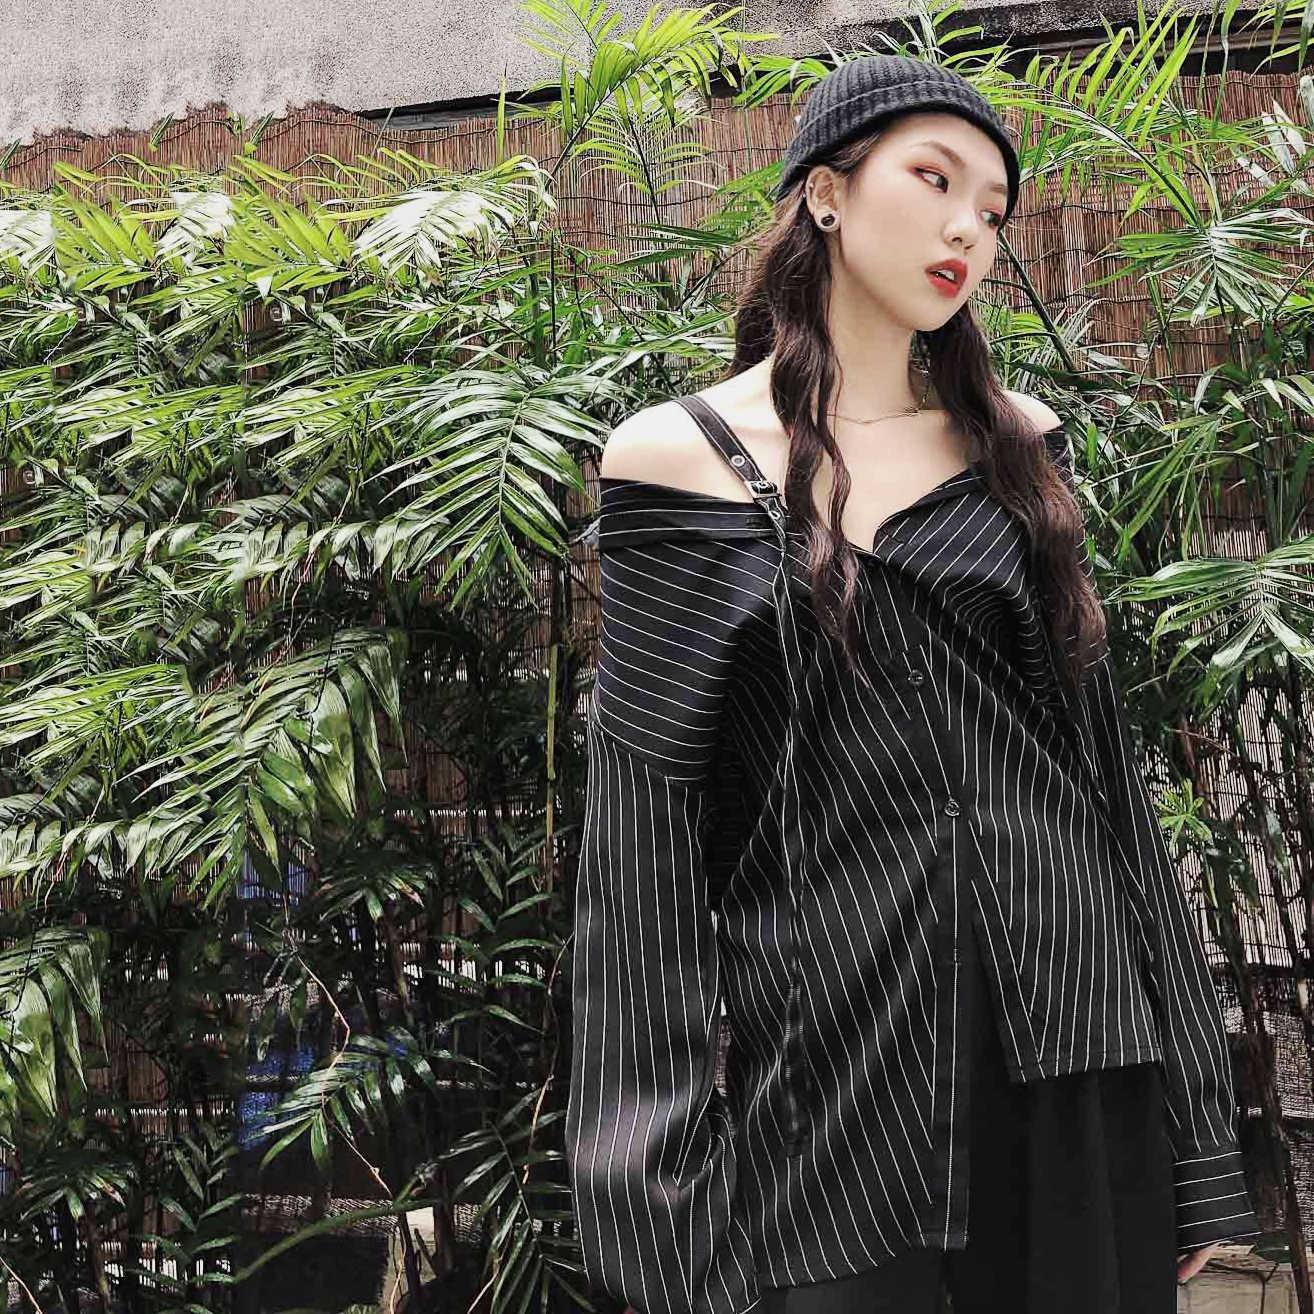 Дизайн Sense Ретро черная рубашка в Вертикальную Полоску женская новая летняя рубашка с принтом на рукаве